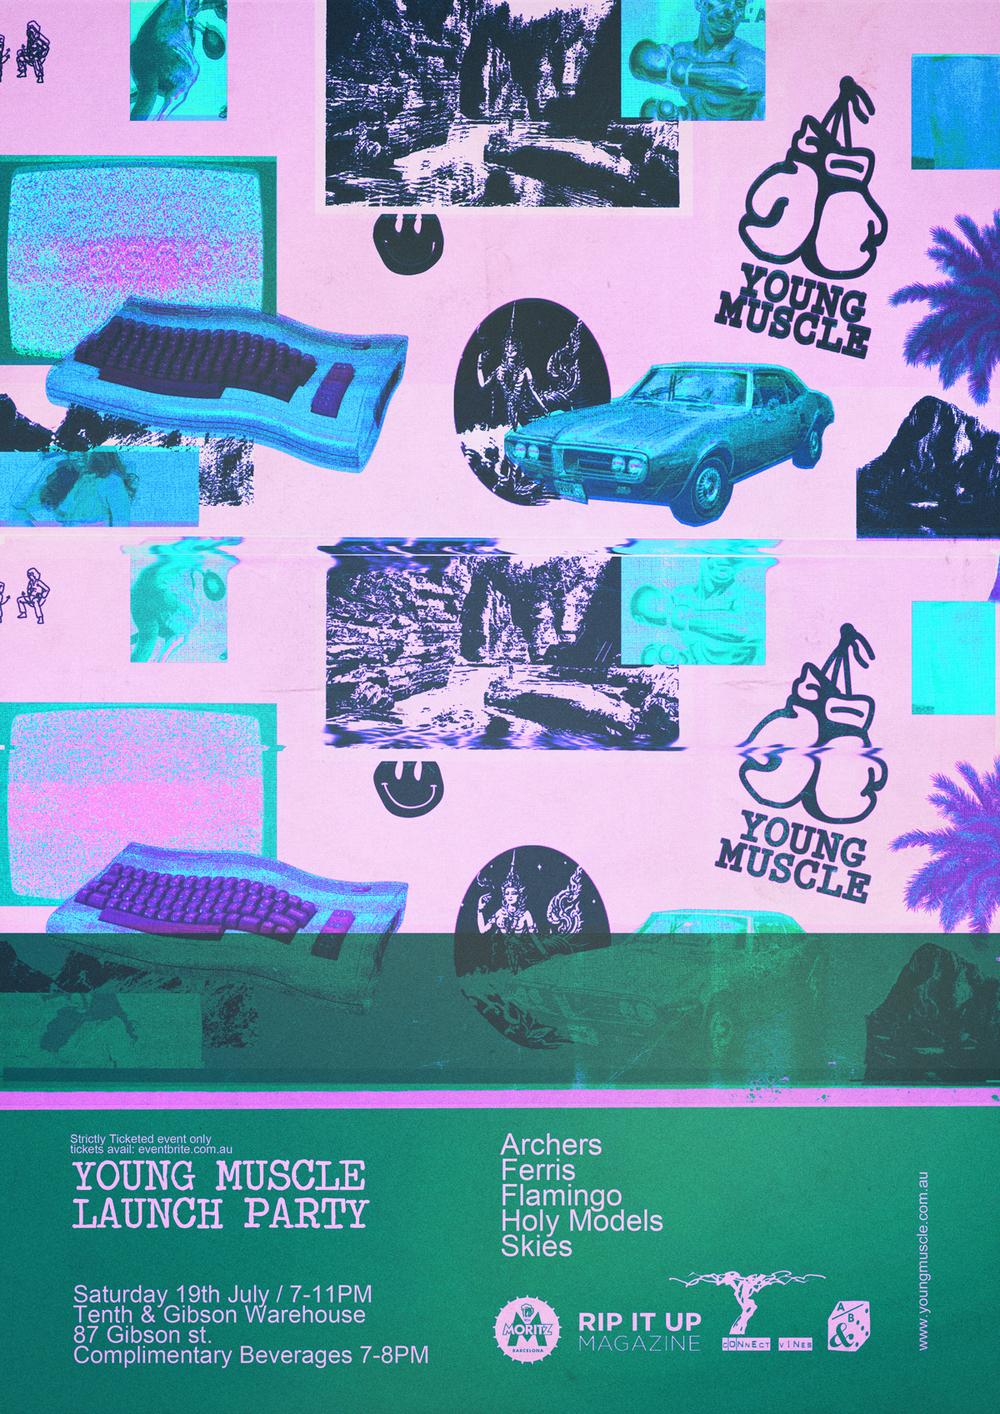 youngmusclehustle